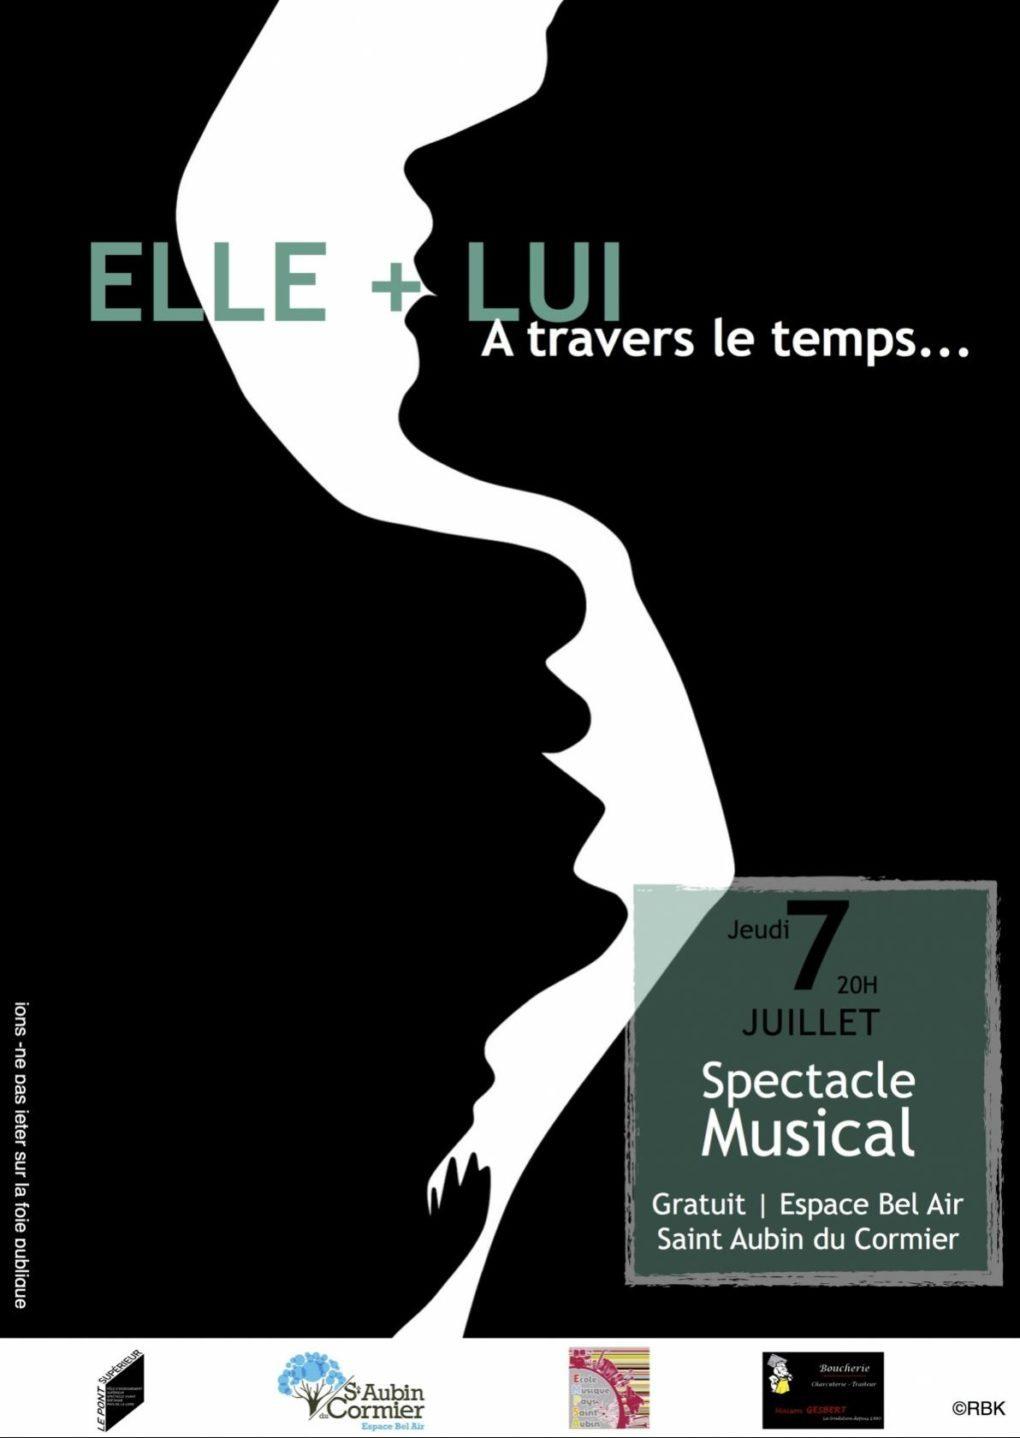 Elle + Lui (à travers le temps) spectacle musical gratuit Saint-Aubin-du-Cormier